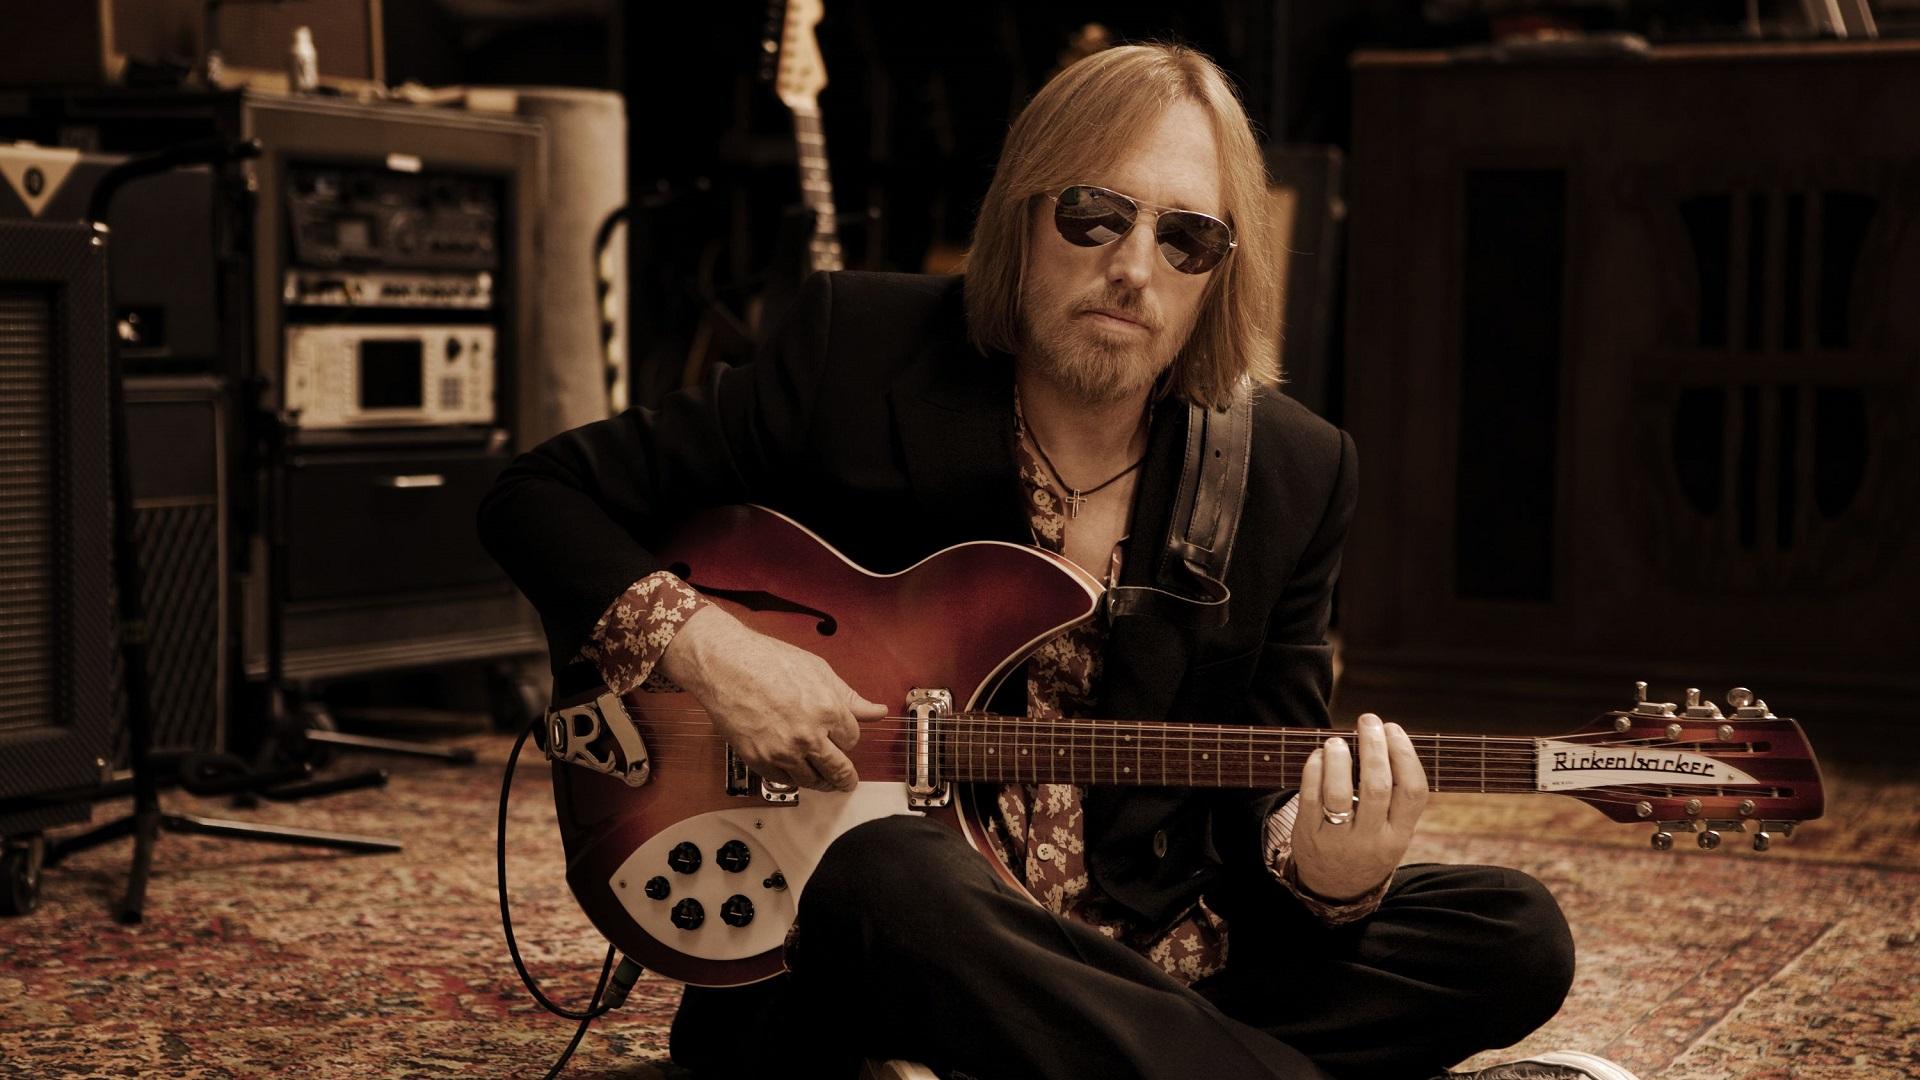 De beste platen van Tom Petty volgens Martjan Kuit